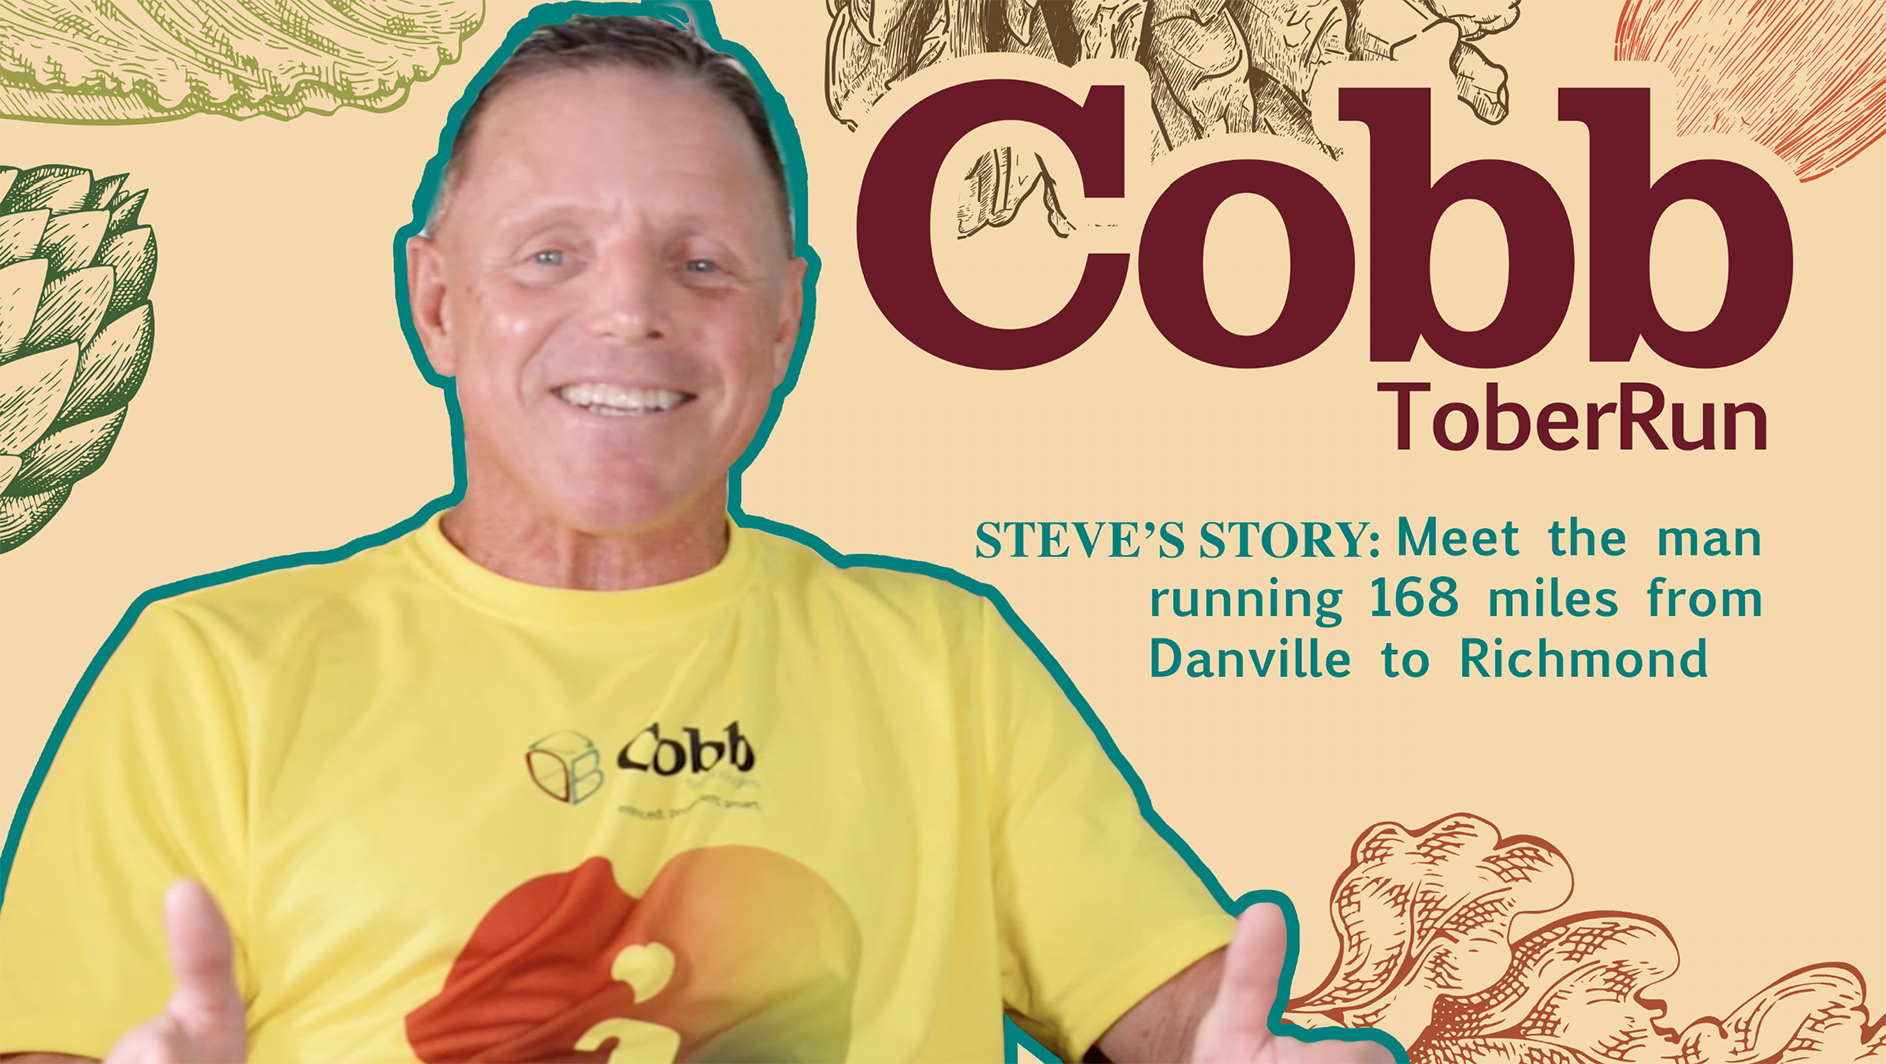 Steves Story